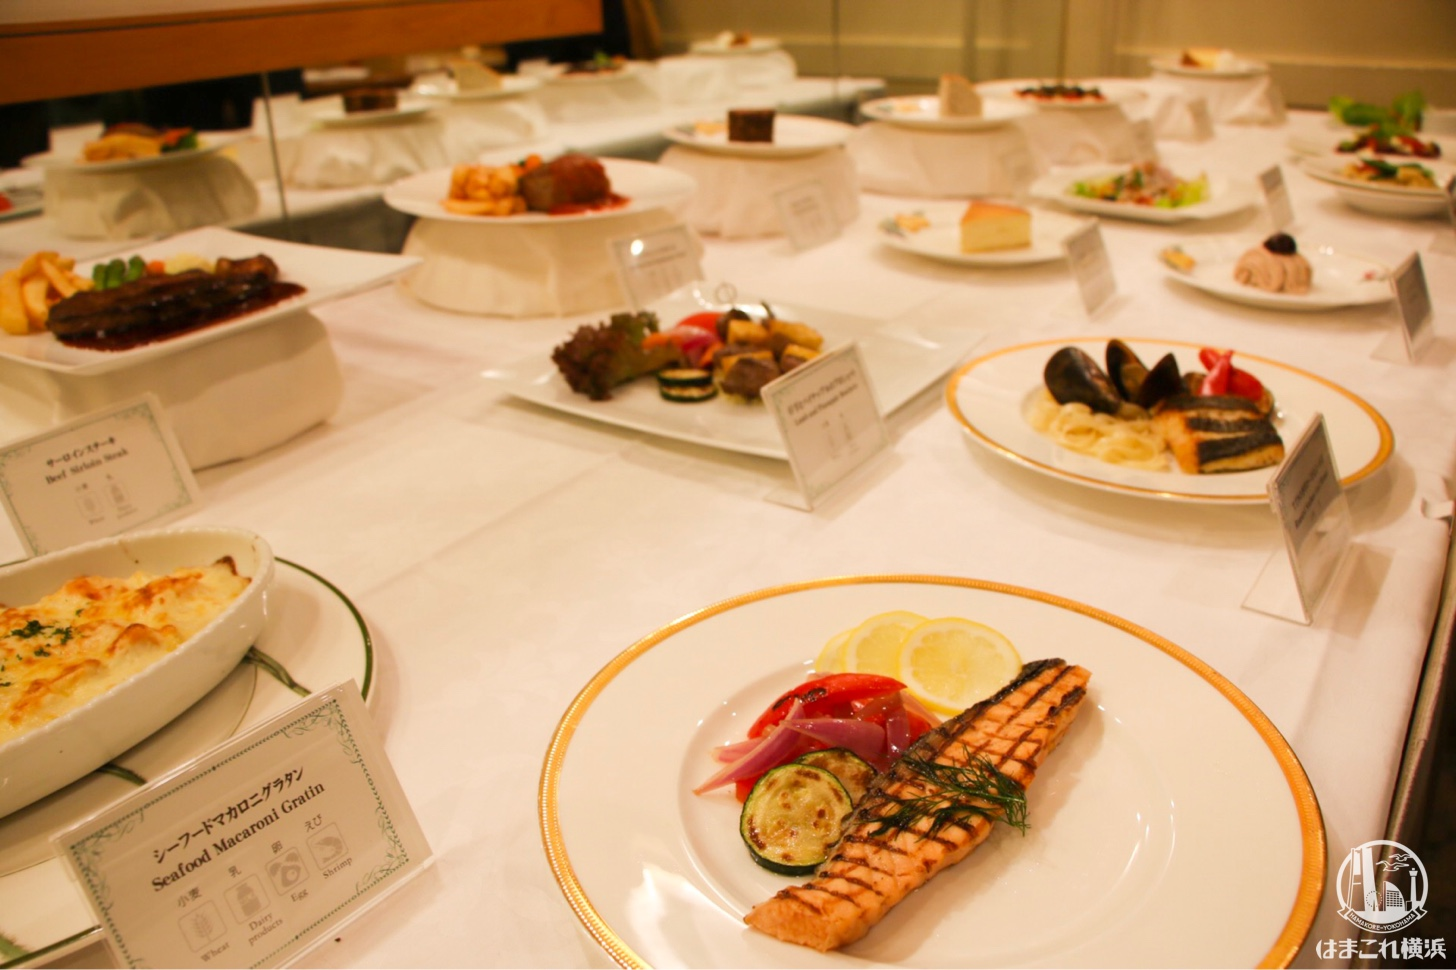 横浜ロイヤルパークホテル、神奈川初のハラール認証レストランへ!メニューについて